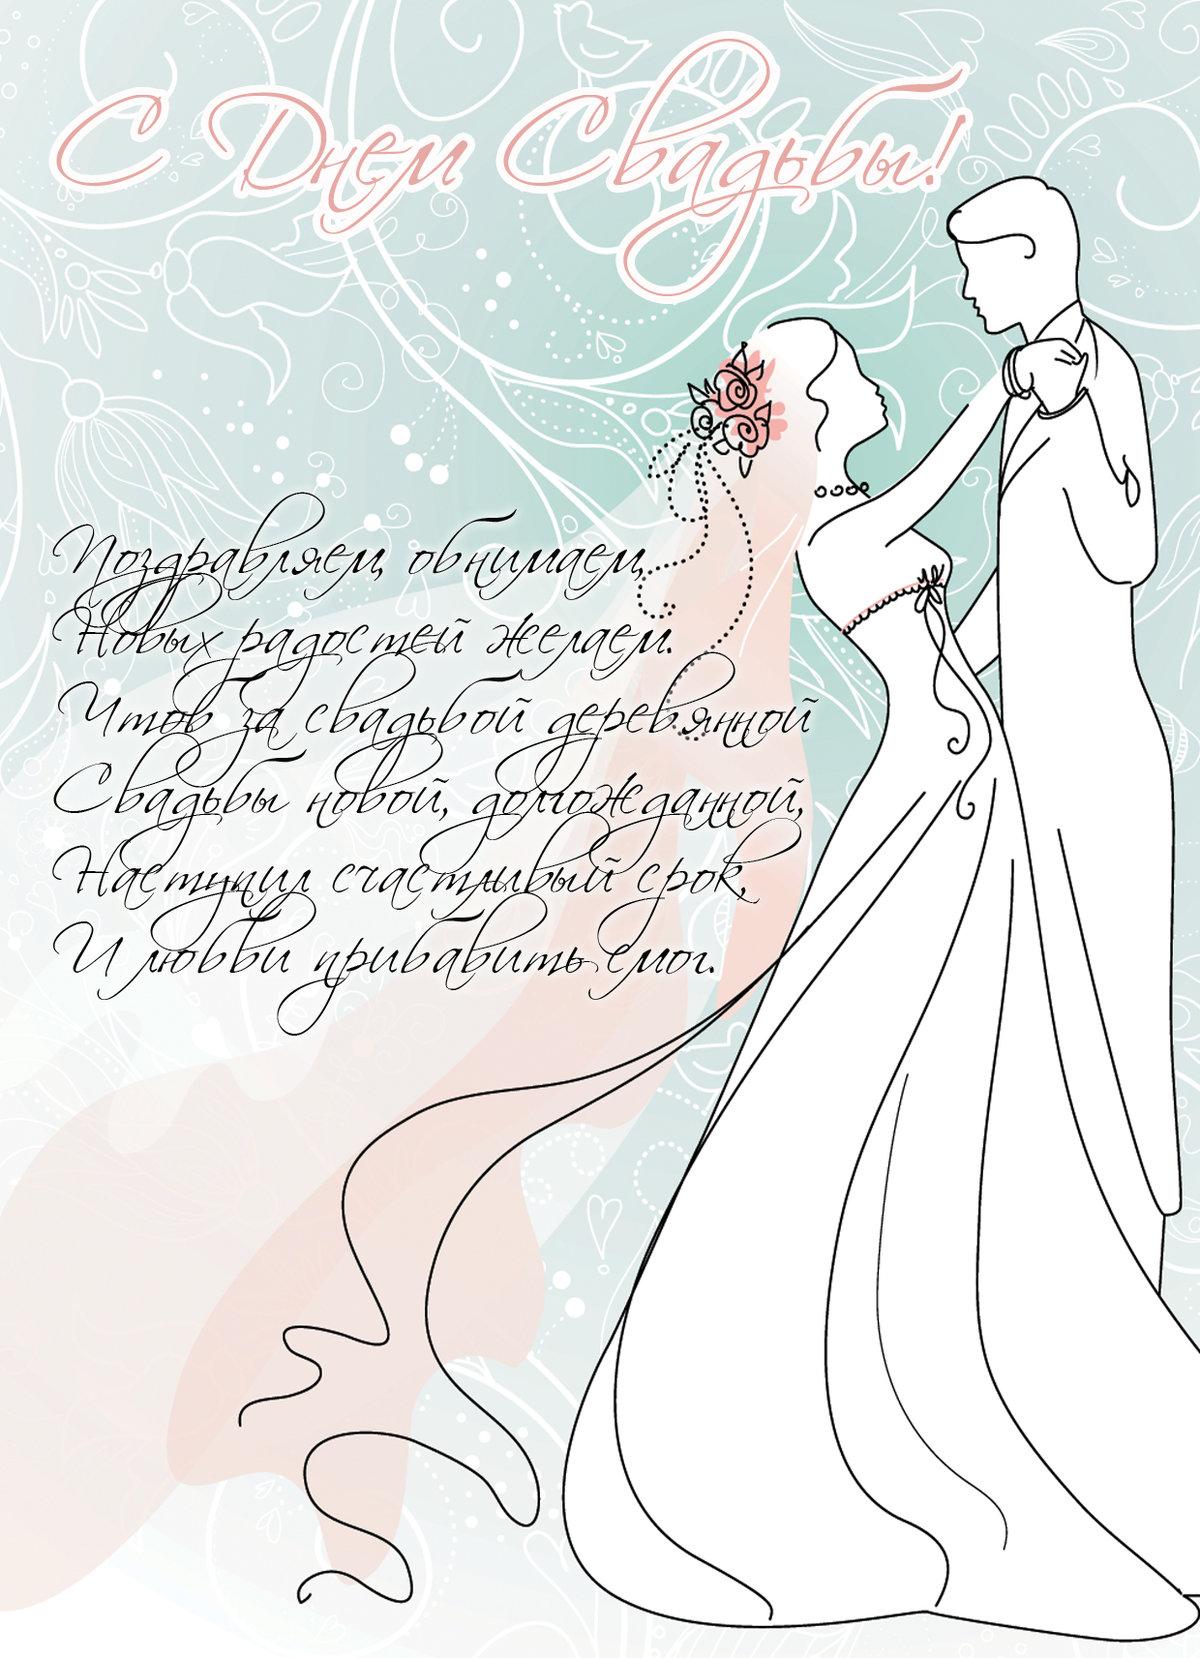 Открытки на годовщину свадьбы рисовать, картинки красивые